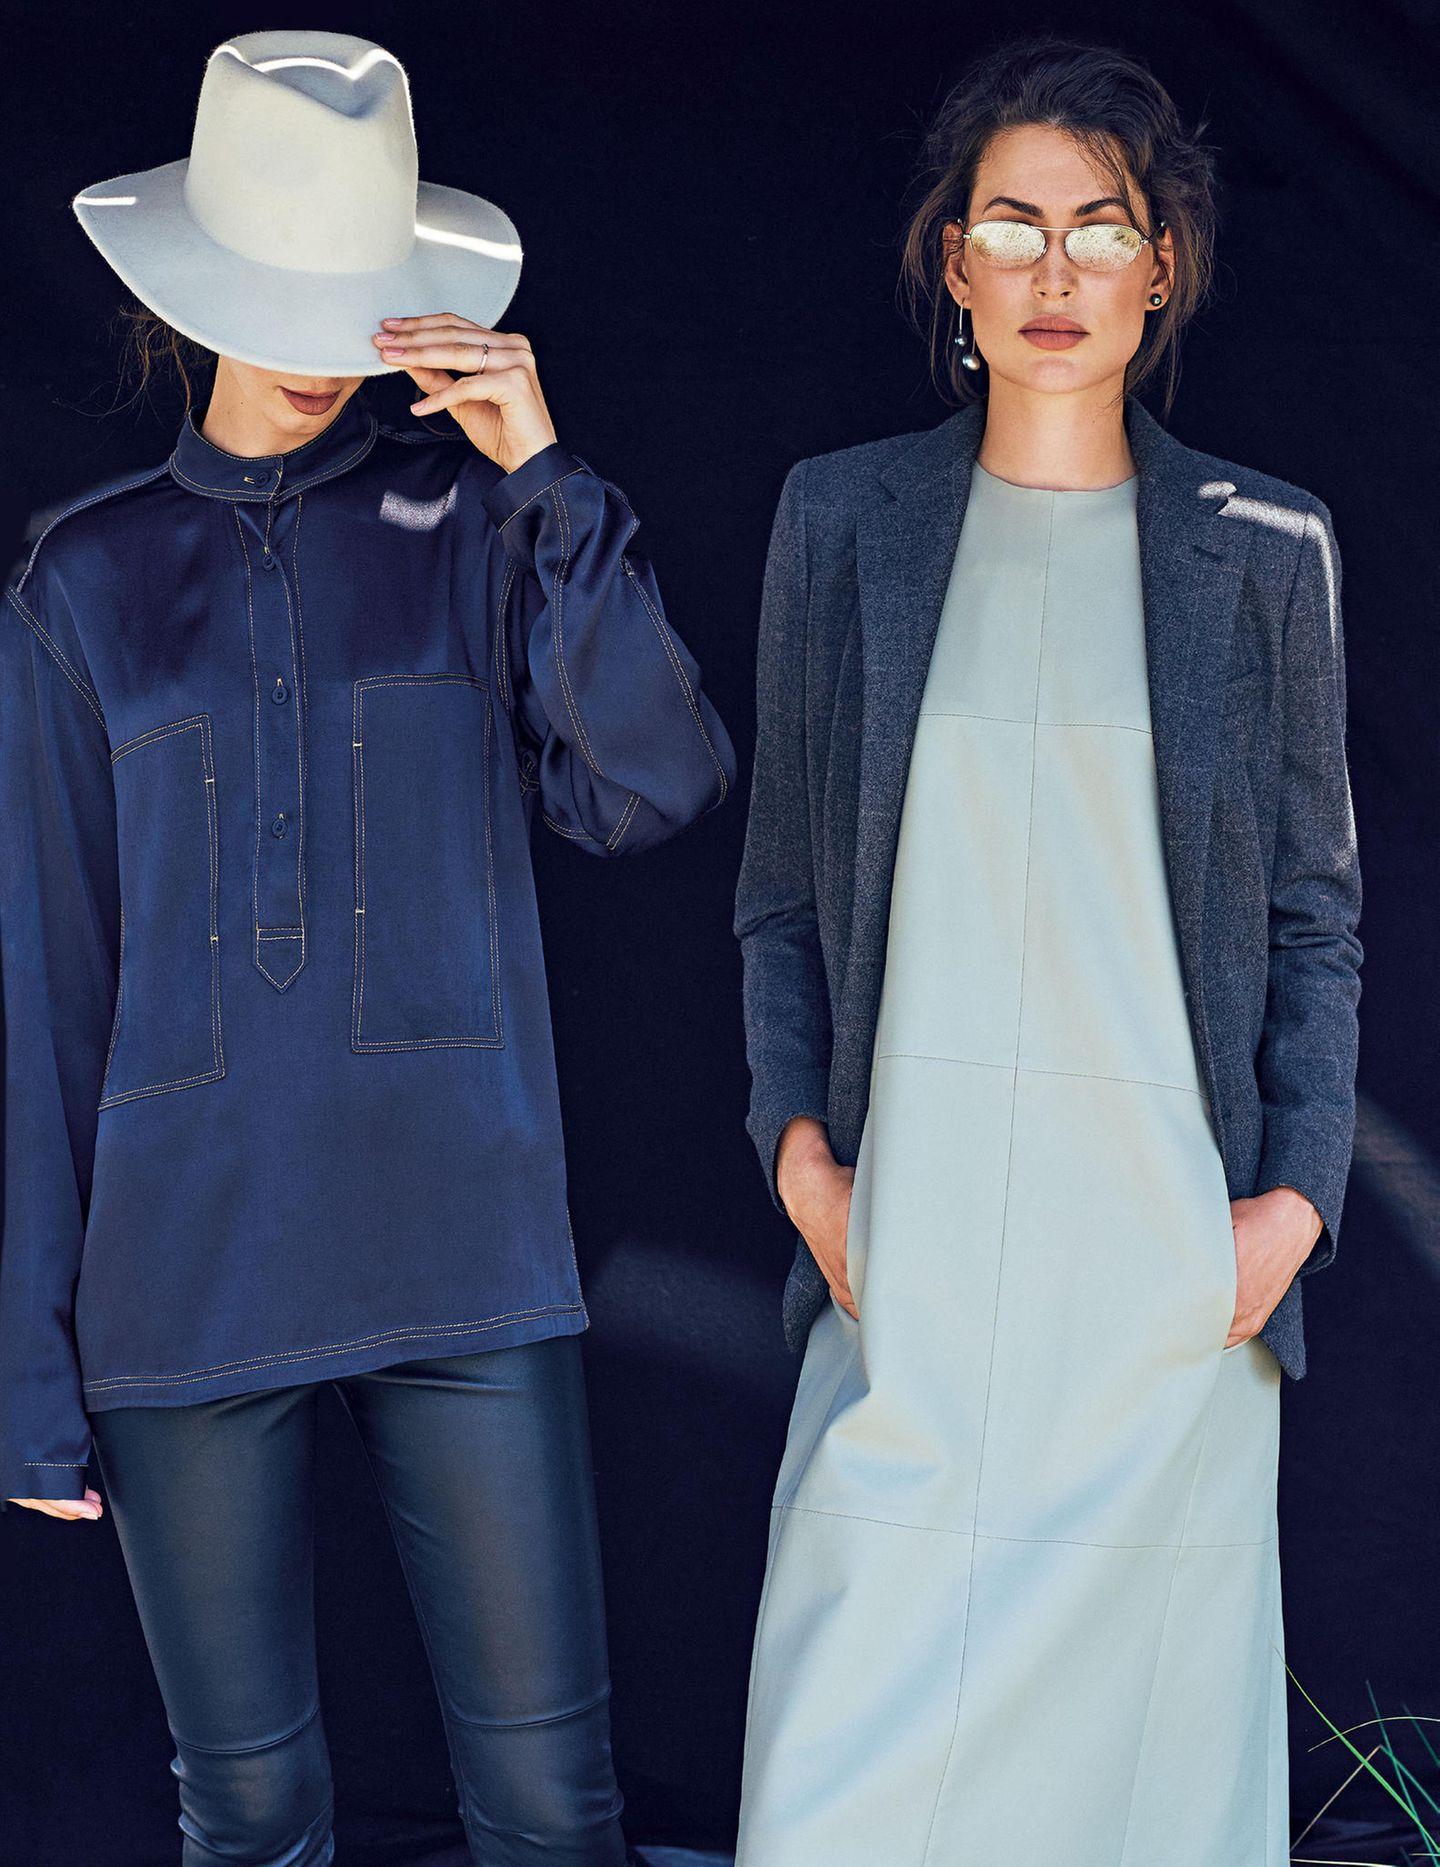 Zwei Frauen in Lederlooks